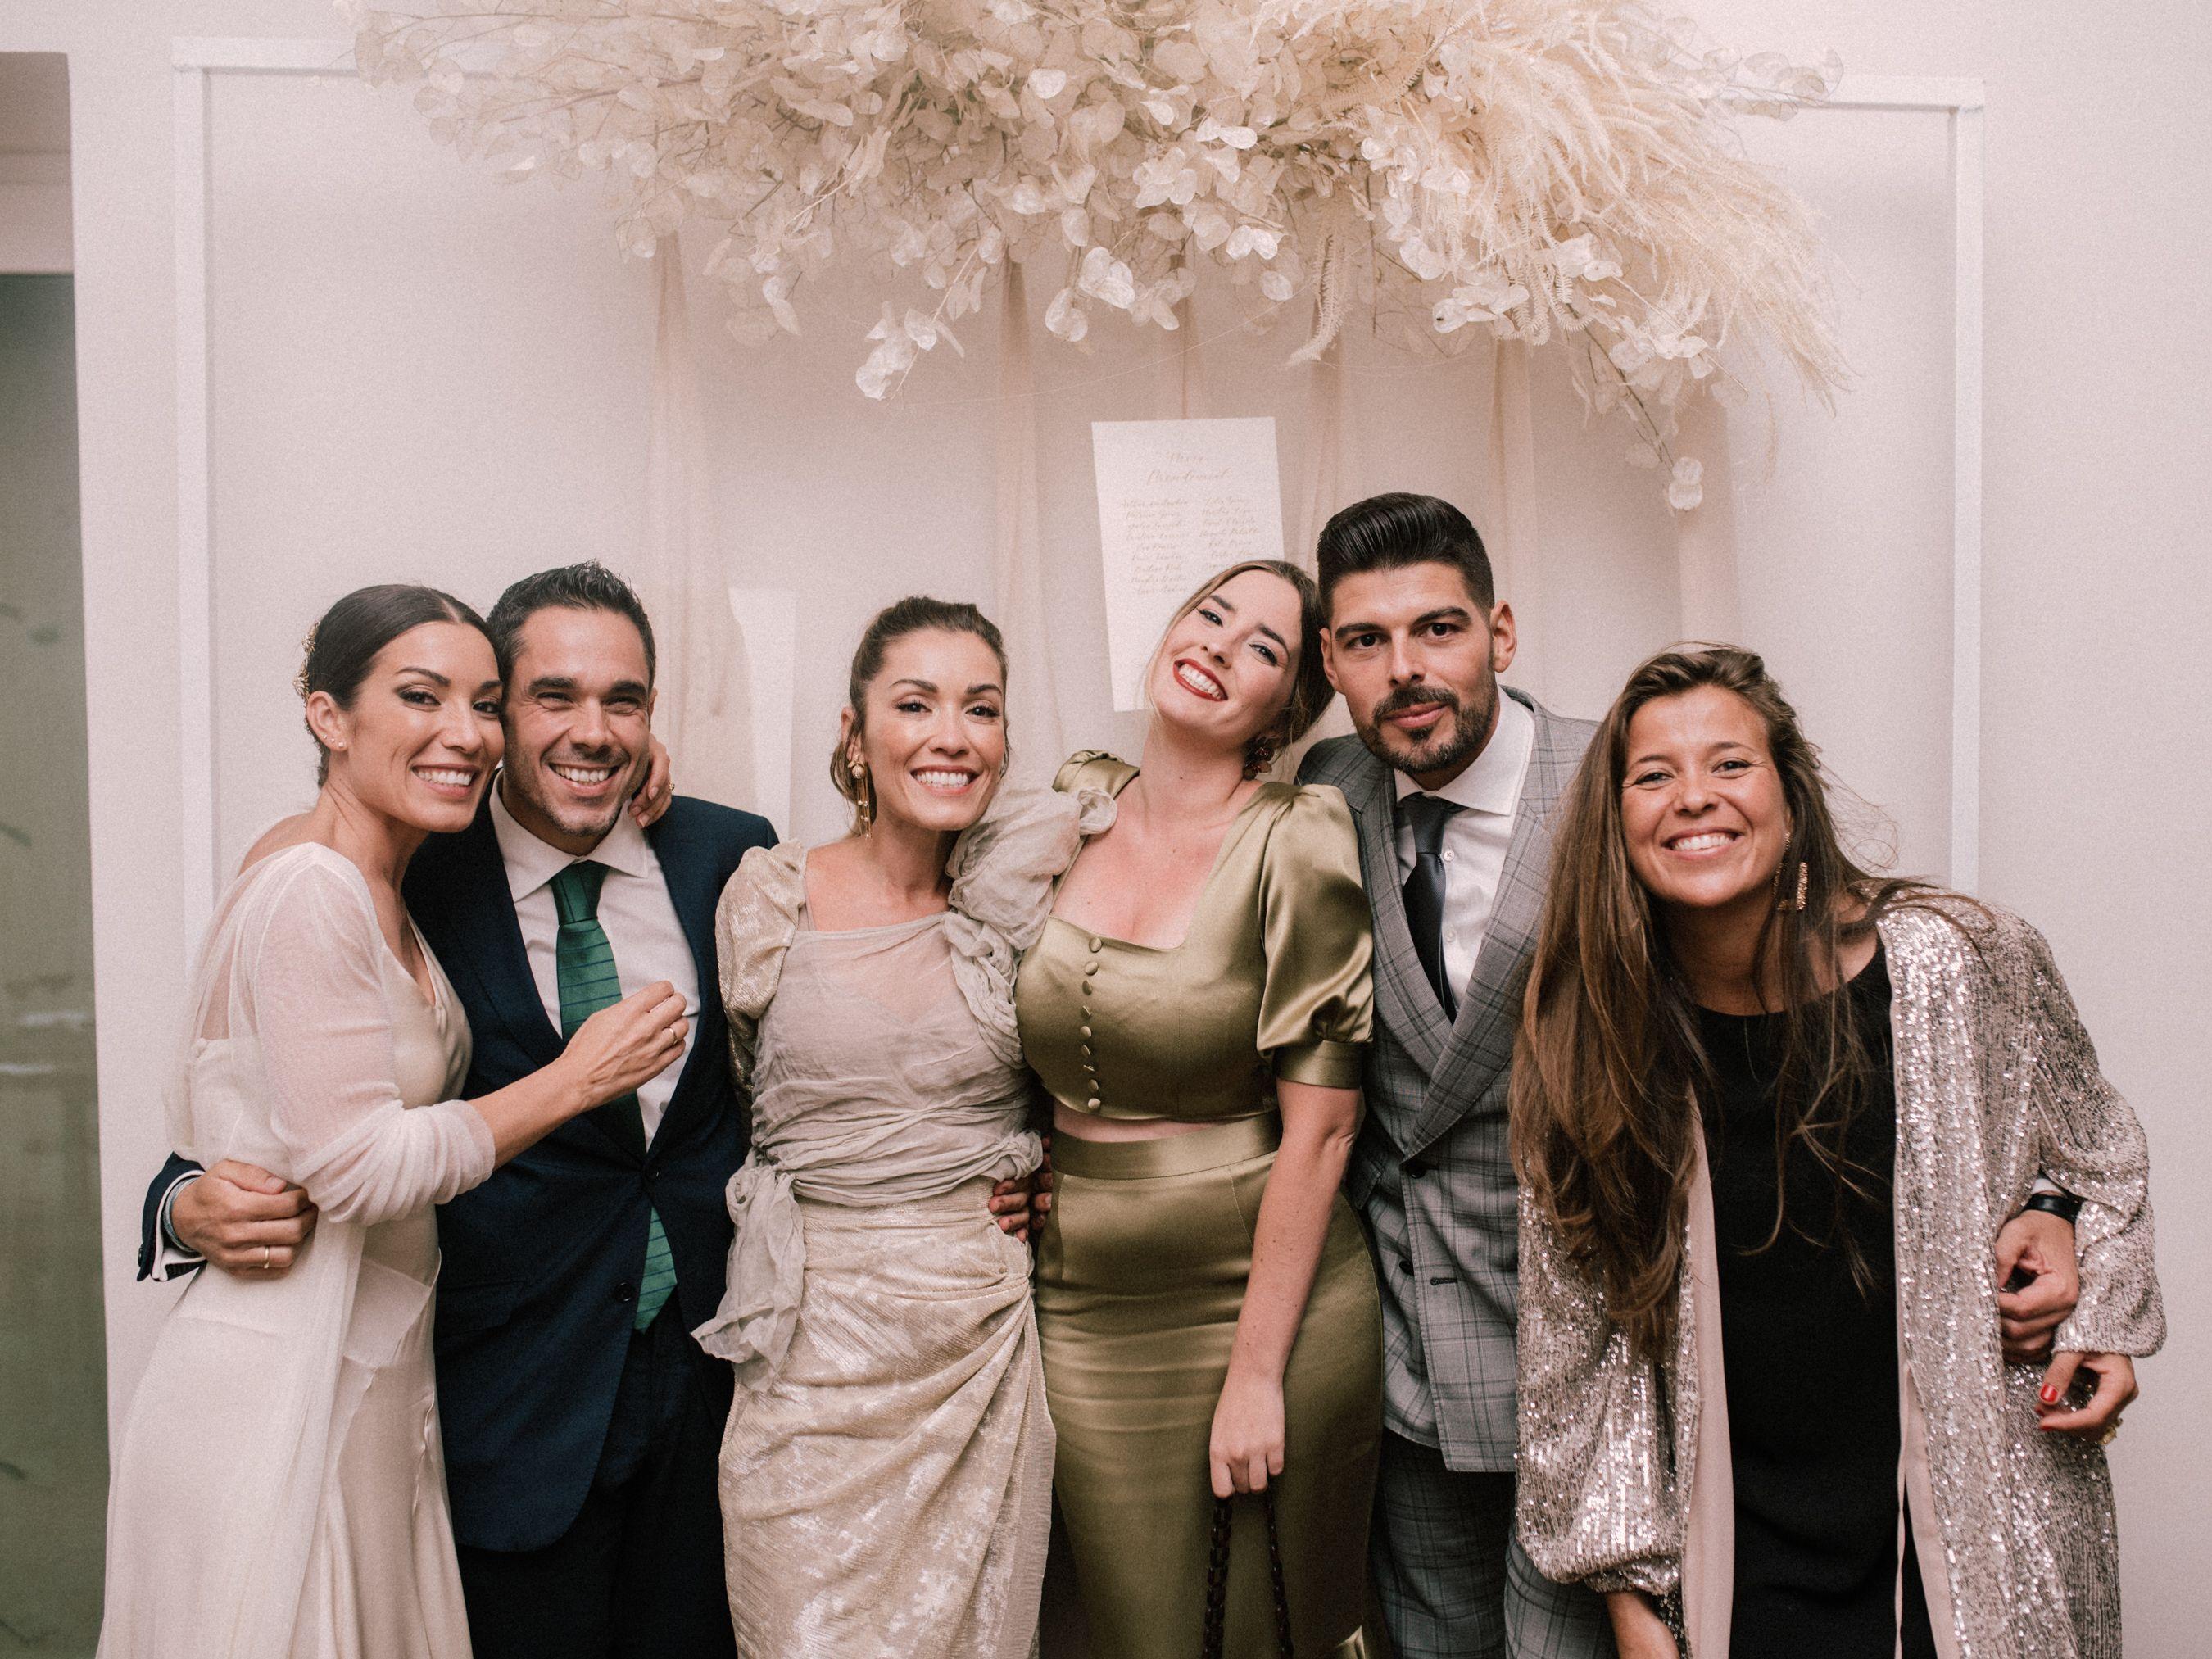 Lidia, Alberto, Patricia, Cristina, Nicolás y Silvia Sánchez - Boda de Lili